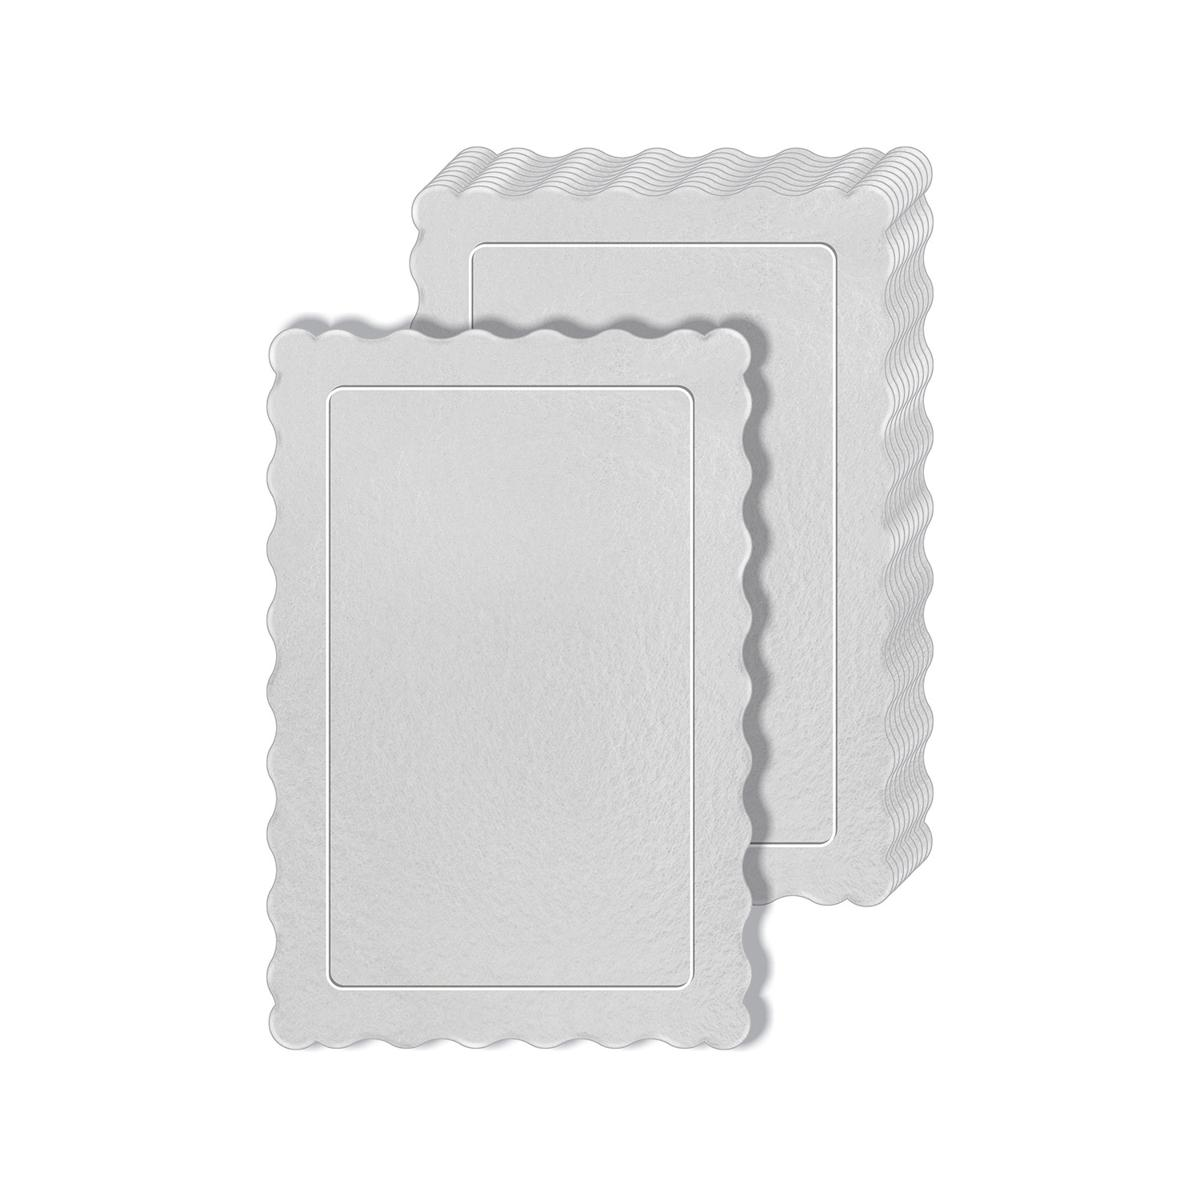 50 Bases Laminadas Para Bolo Retangular, Cake Board 30x20cm - Branco